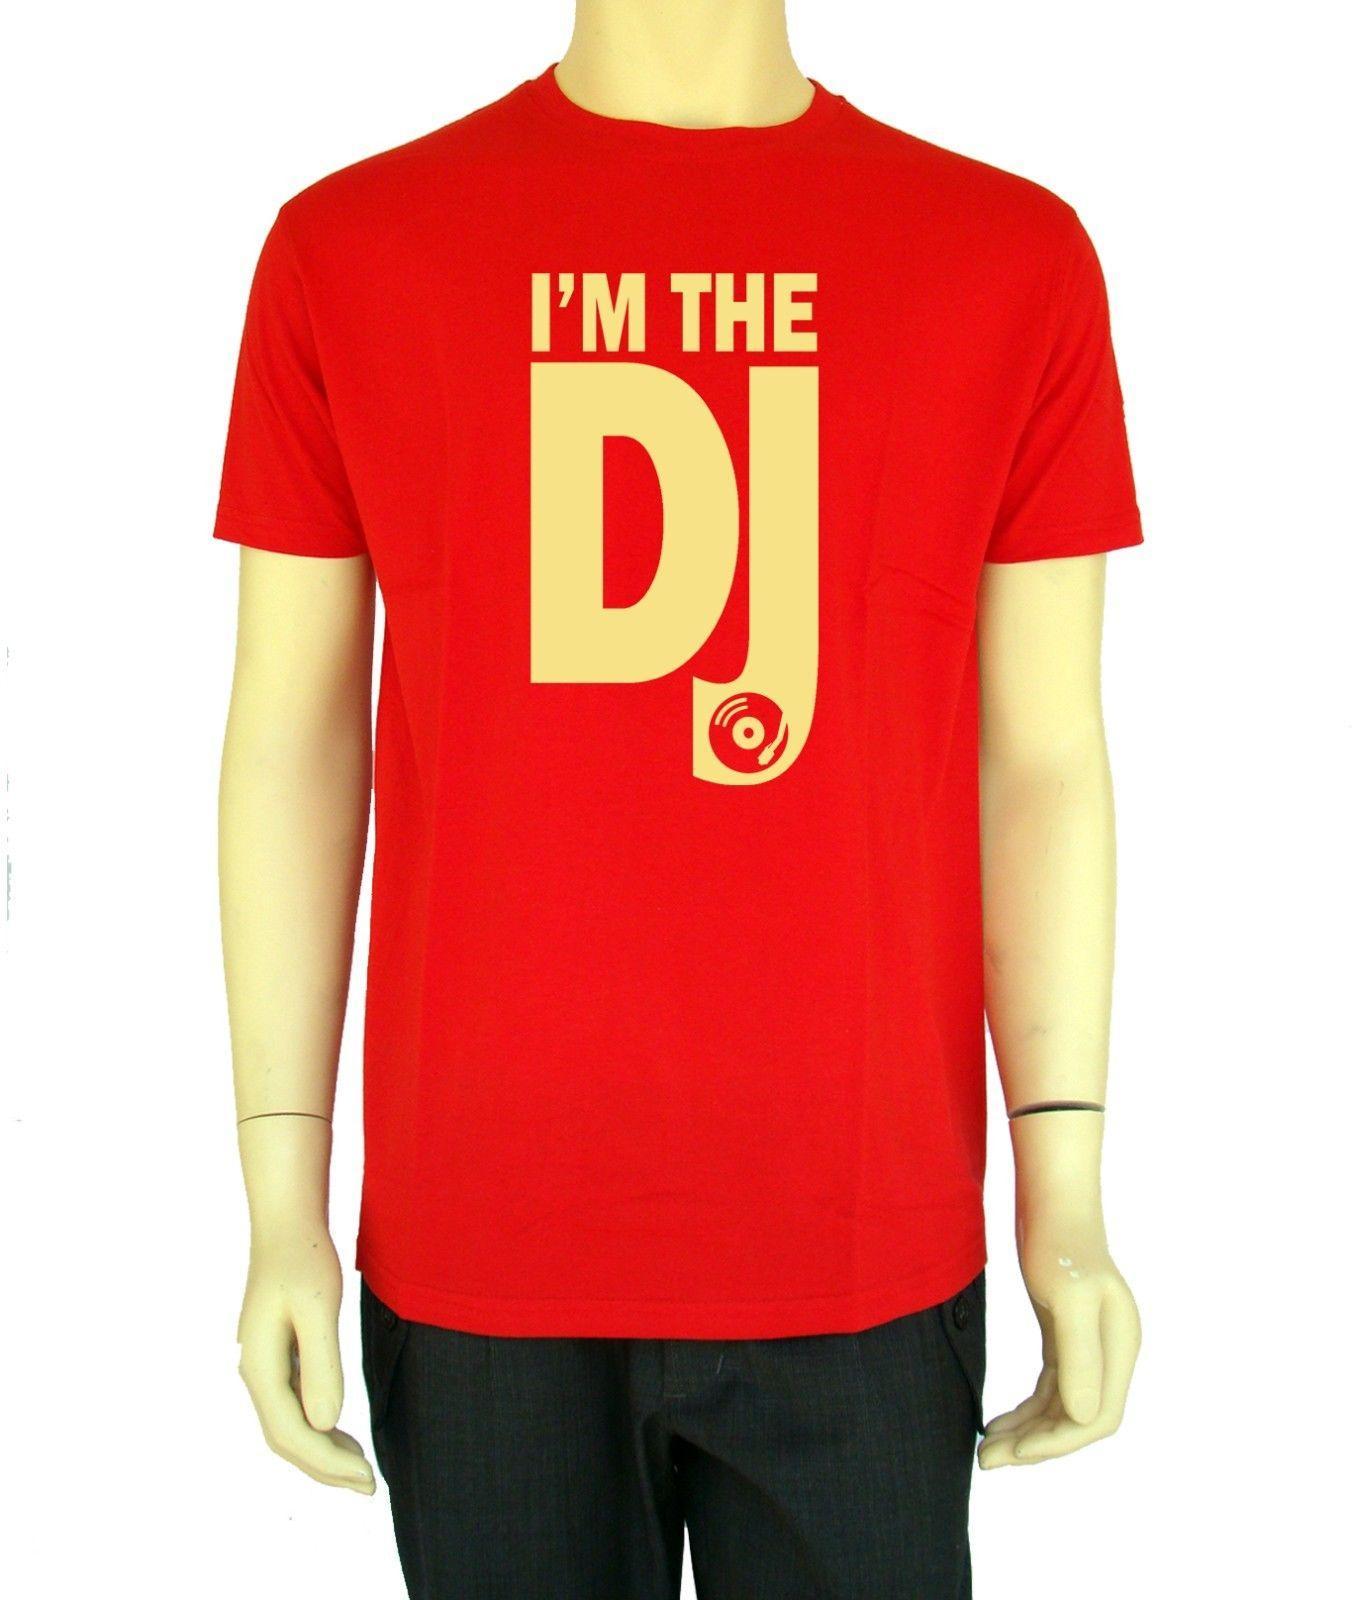 2019 Nueva caliente Im El Dj camiseta para hombre Camiseta gráfica divertida de la música Diseño de manga corta de algodón Dj Camiseta